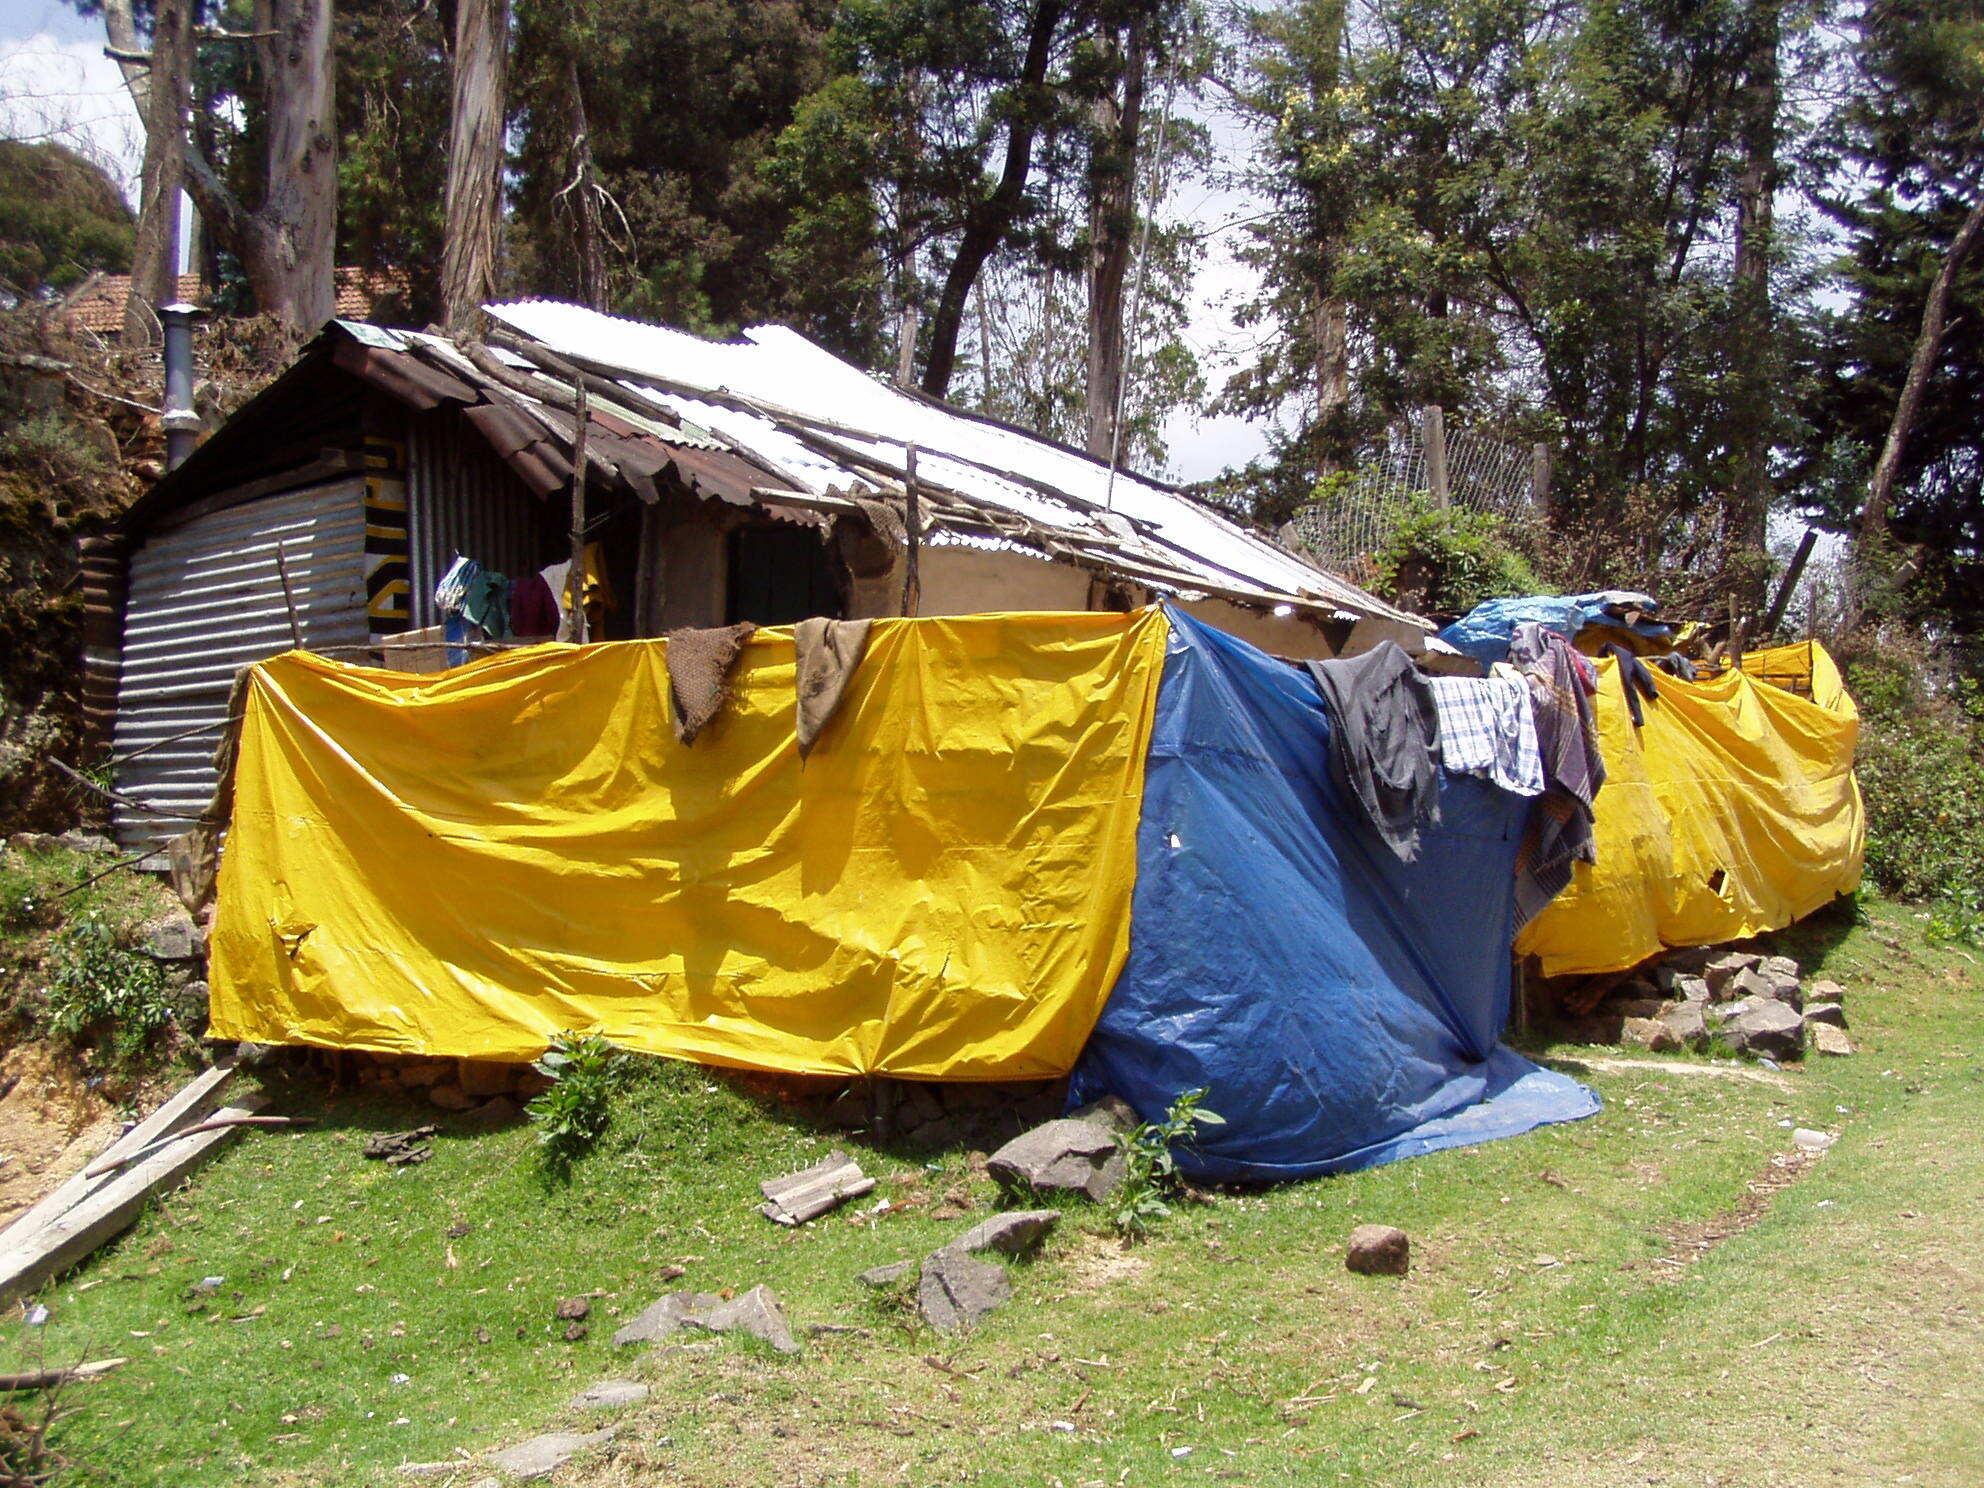 Забор вокруг дома, обтянутый плёнкой синего и желтого цветов. Окрестности Бангалора. Подобных заборов вы в Индии найдете тысячи!